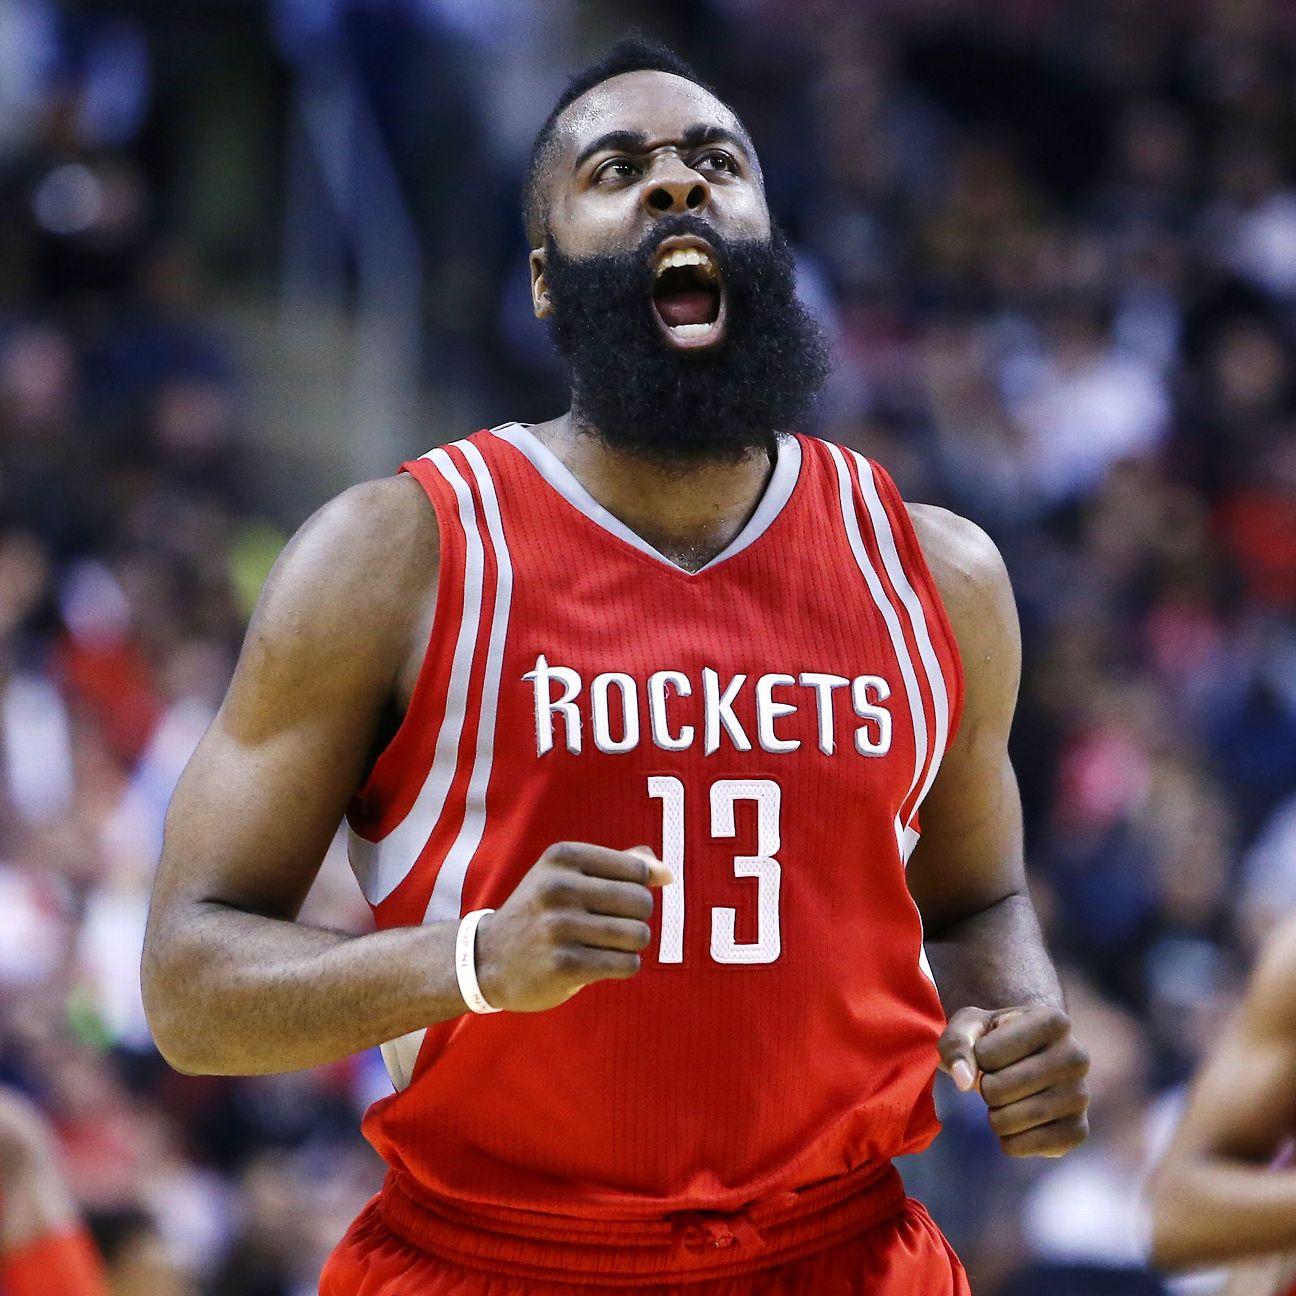 Houston Rockets Vs Oklahoma City Thunder: James Harden Of Houston Rockets Expects To Play Vs